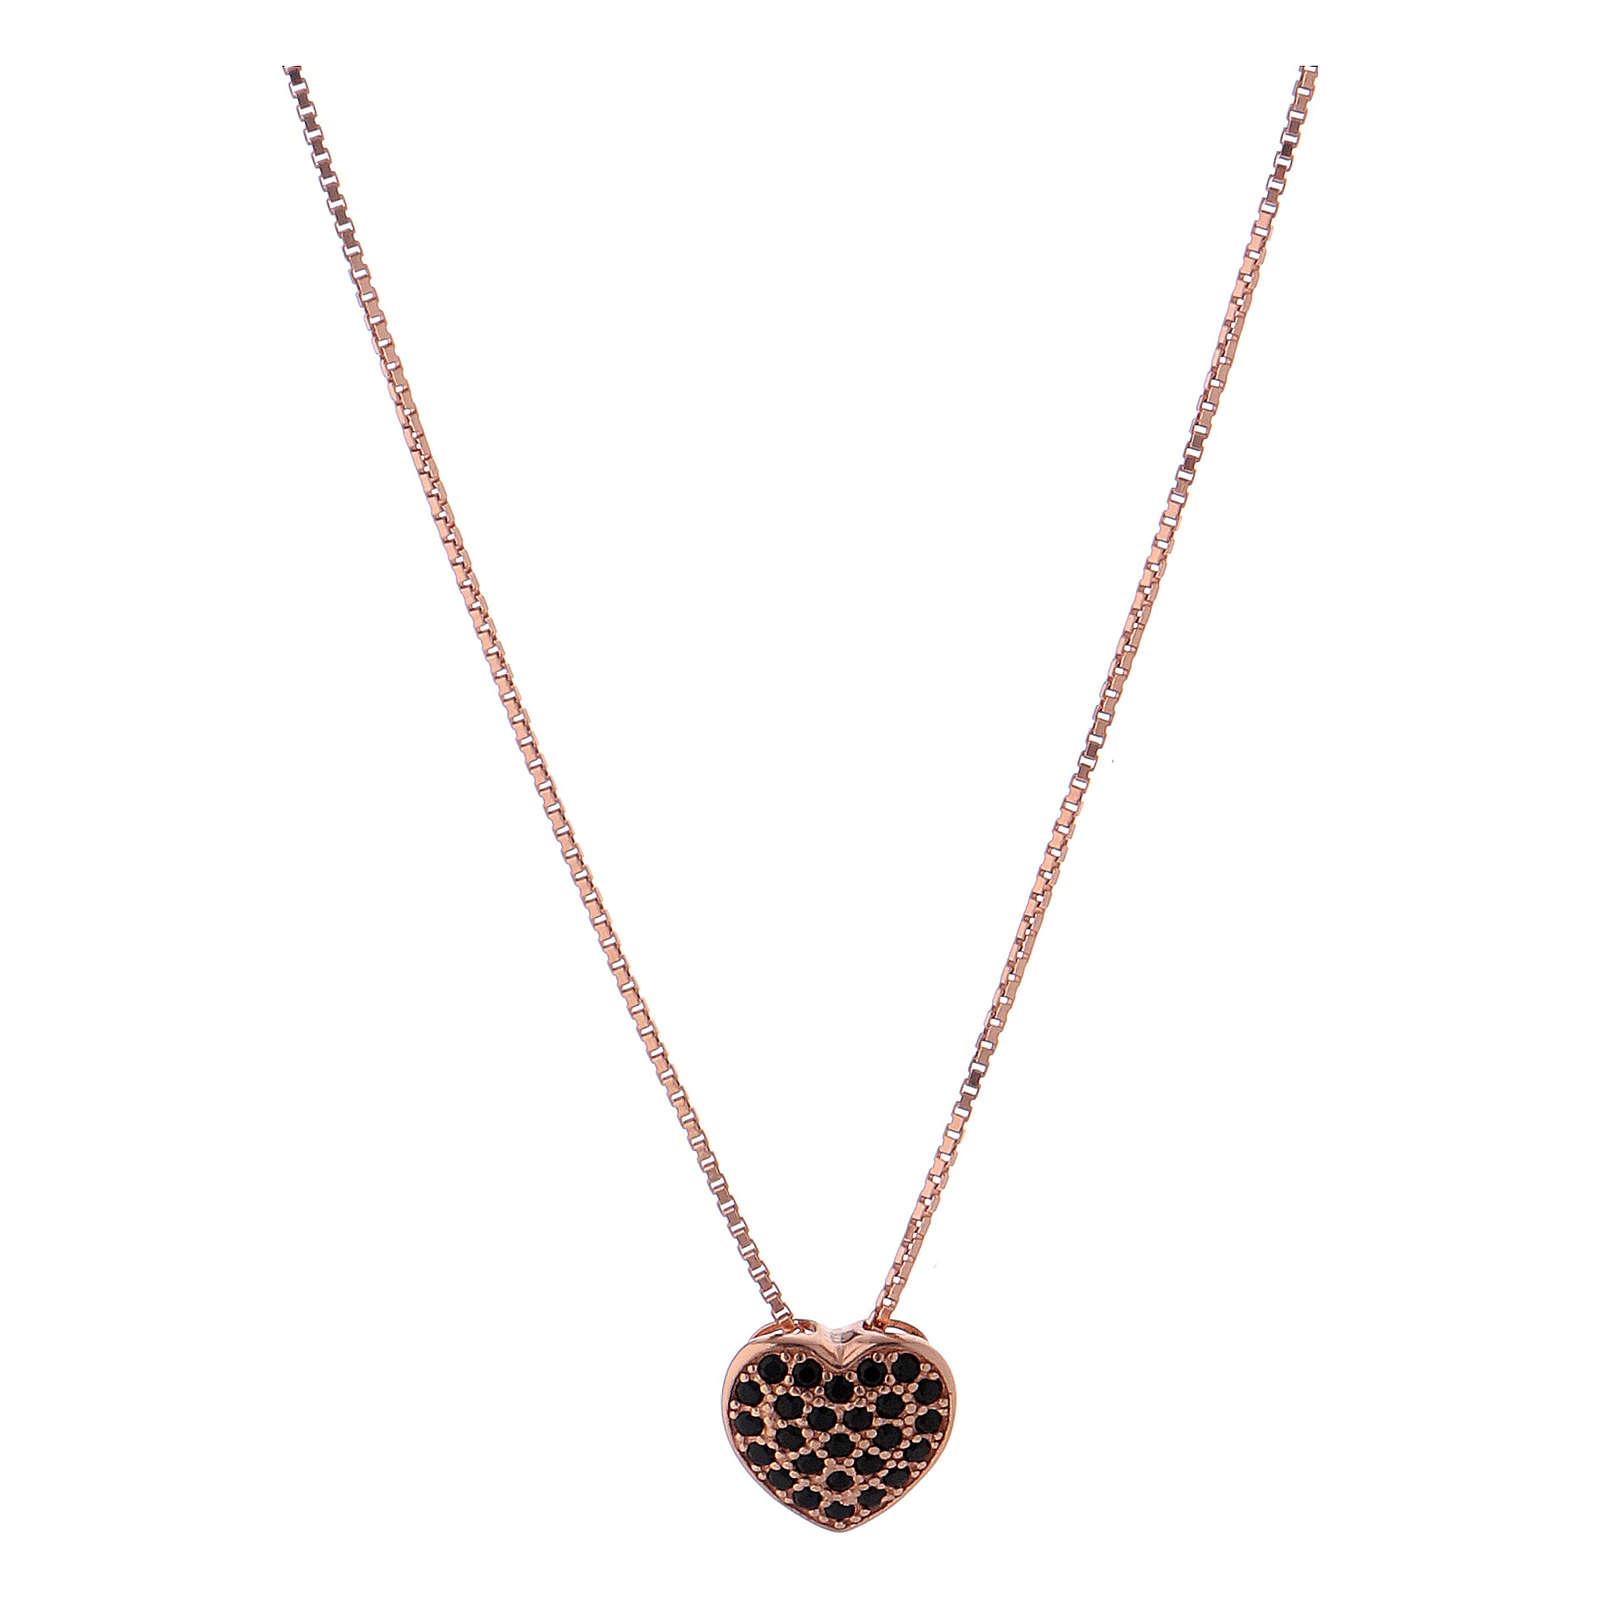 Collar rosado colgante corazón con zircones negros AMEN plata 925 4